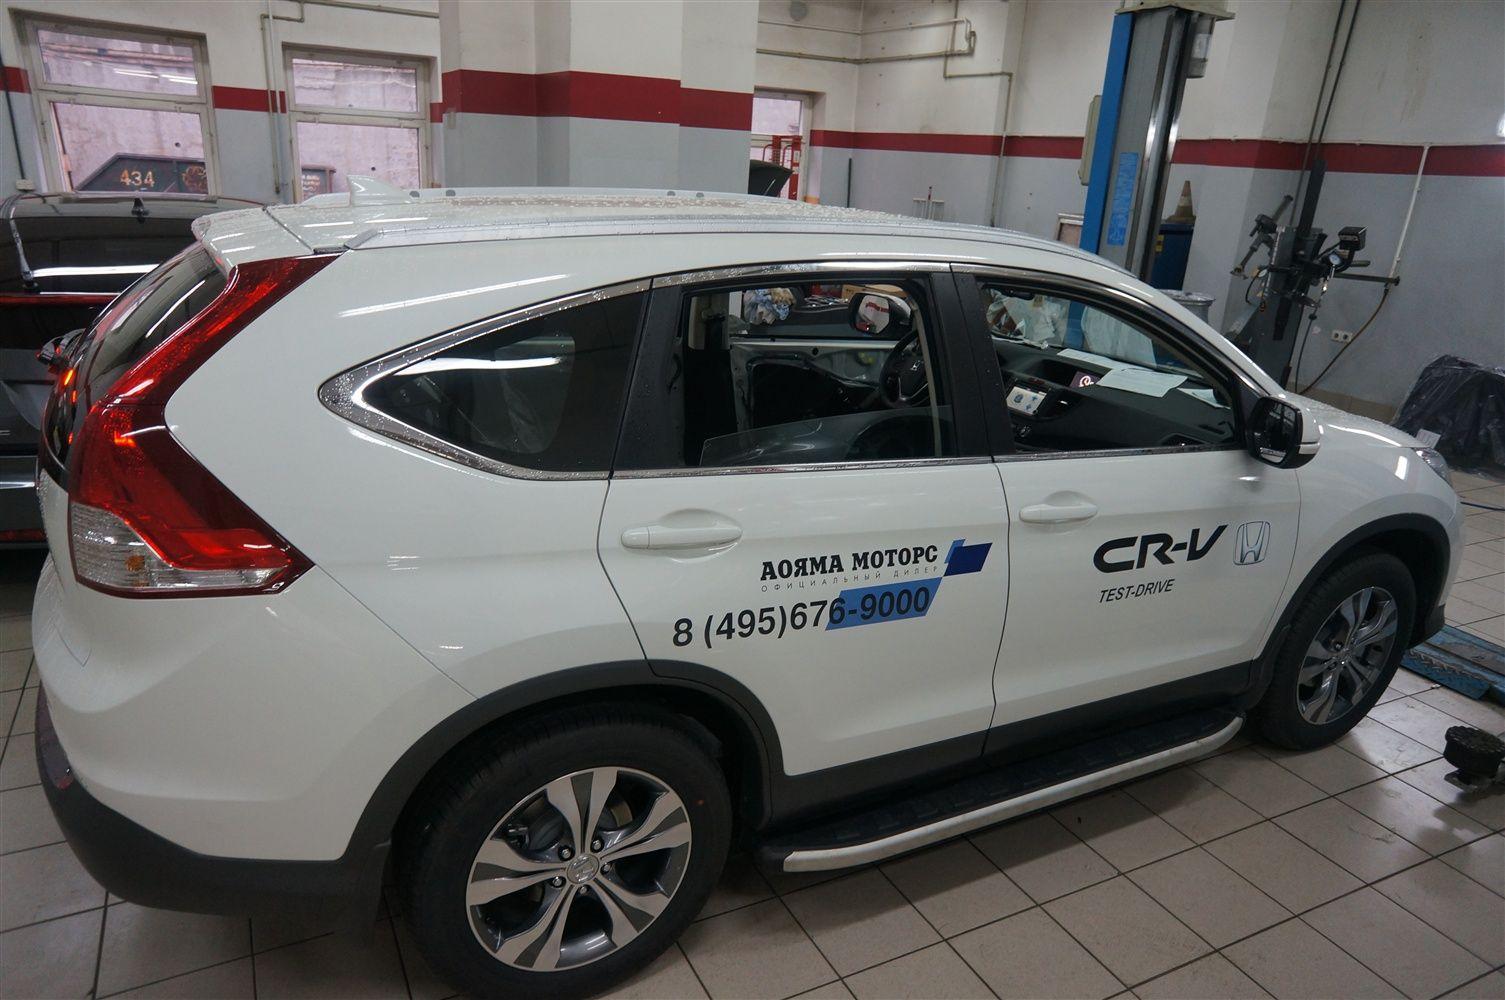 Пороги CAN OTOMOTIV алюминиевые (Alyans) Honda (Хонда) CR-V (2012-)Кенгурины, пороги, защиты бампера<br><br><br>Артикул: HOCR.47.1048<br>Бренд: CAN OTOMOTIV<br>Применяемость: Honda CR-V